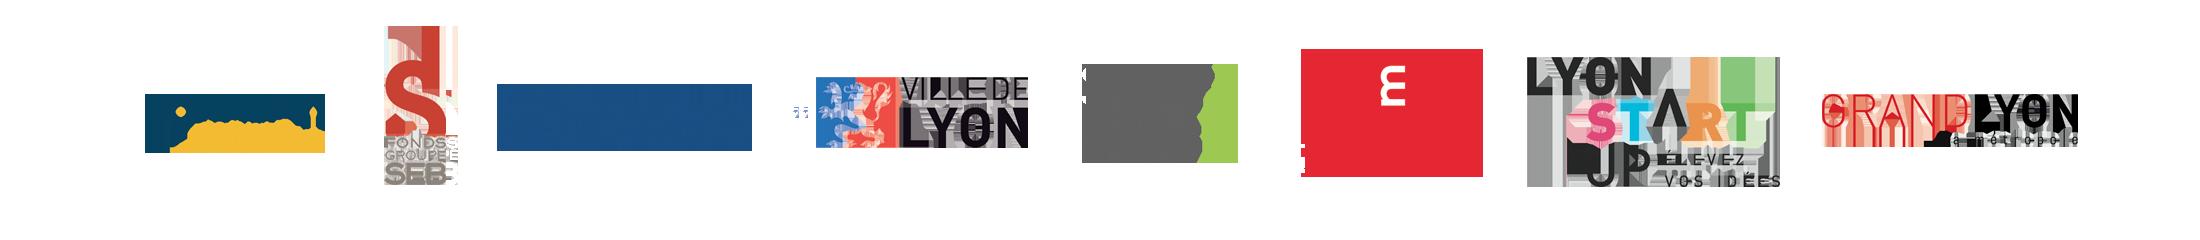 bande-logos2